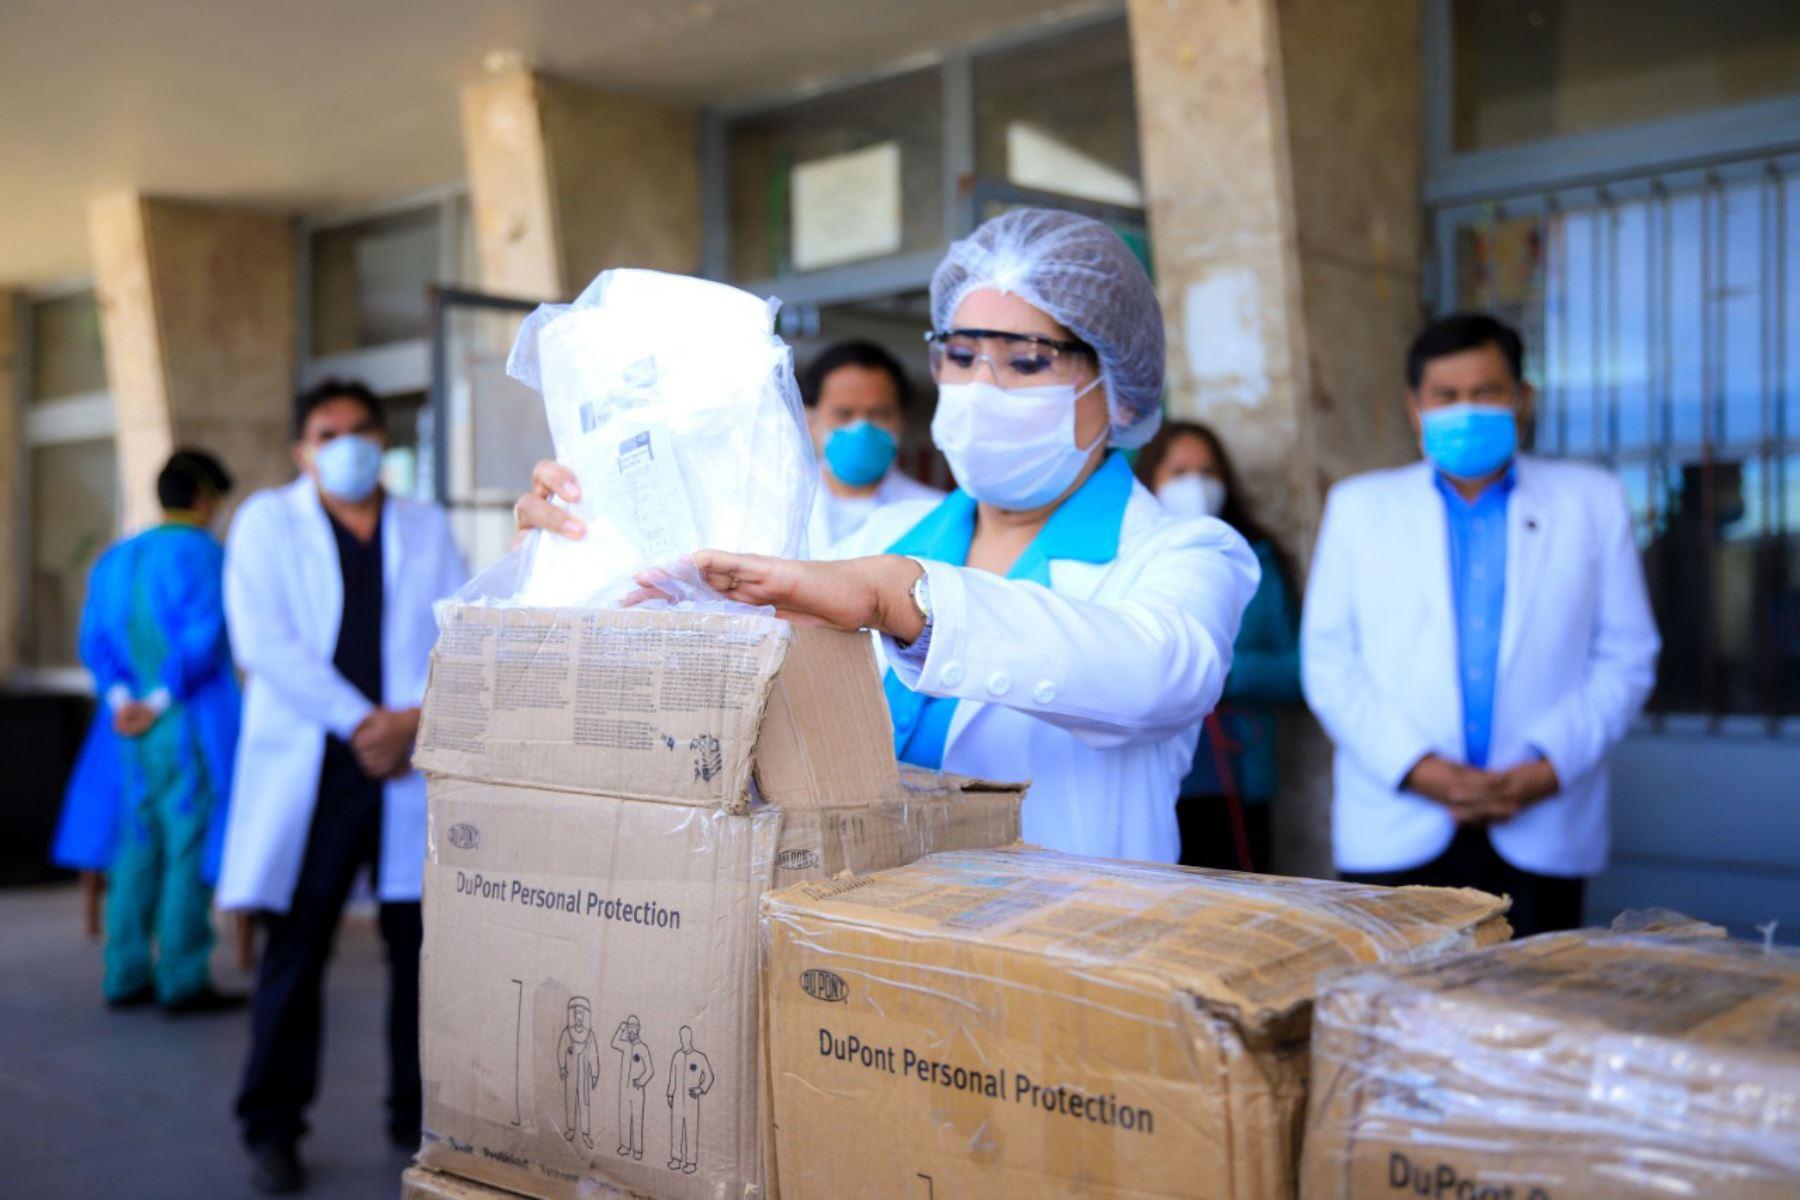 La empresa minera Cerro Verde y la ONG Corvida donaron mascarillas KN 95, lentes y buzos de protección, protectores de botas y guantes descartables. Foto: ANDINA/Difusión